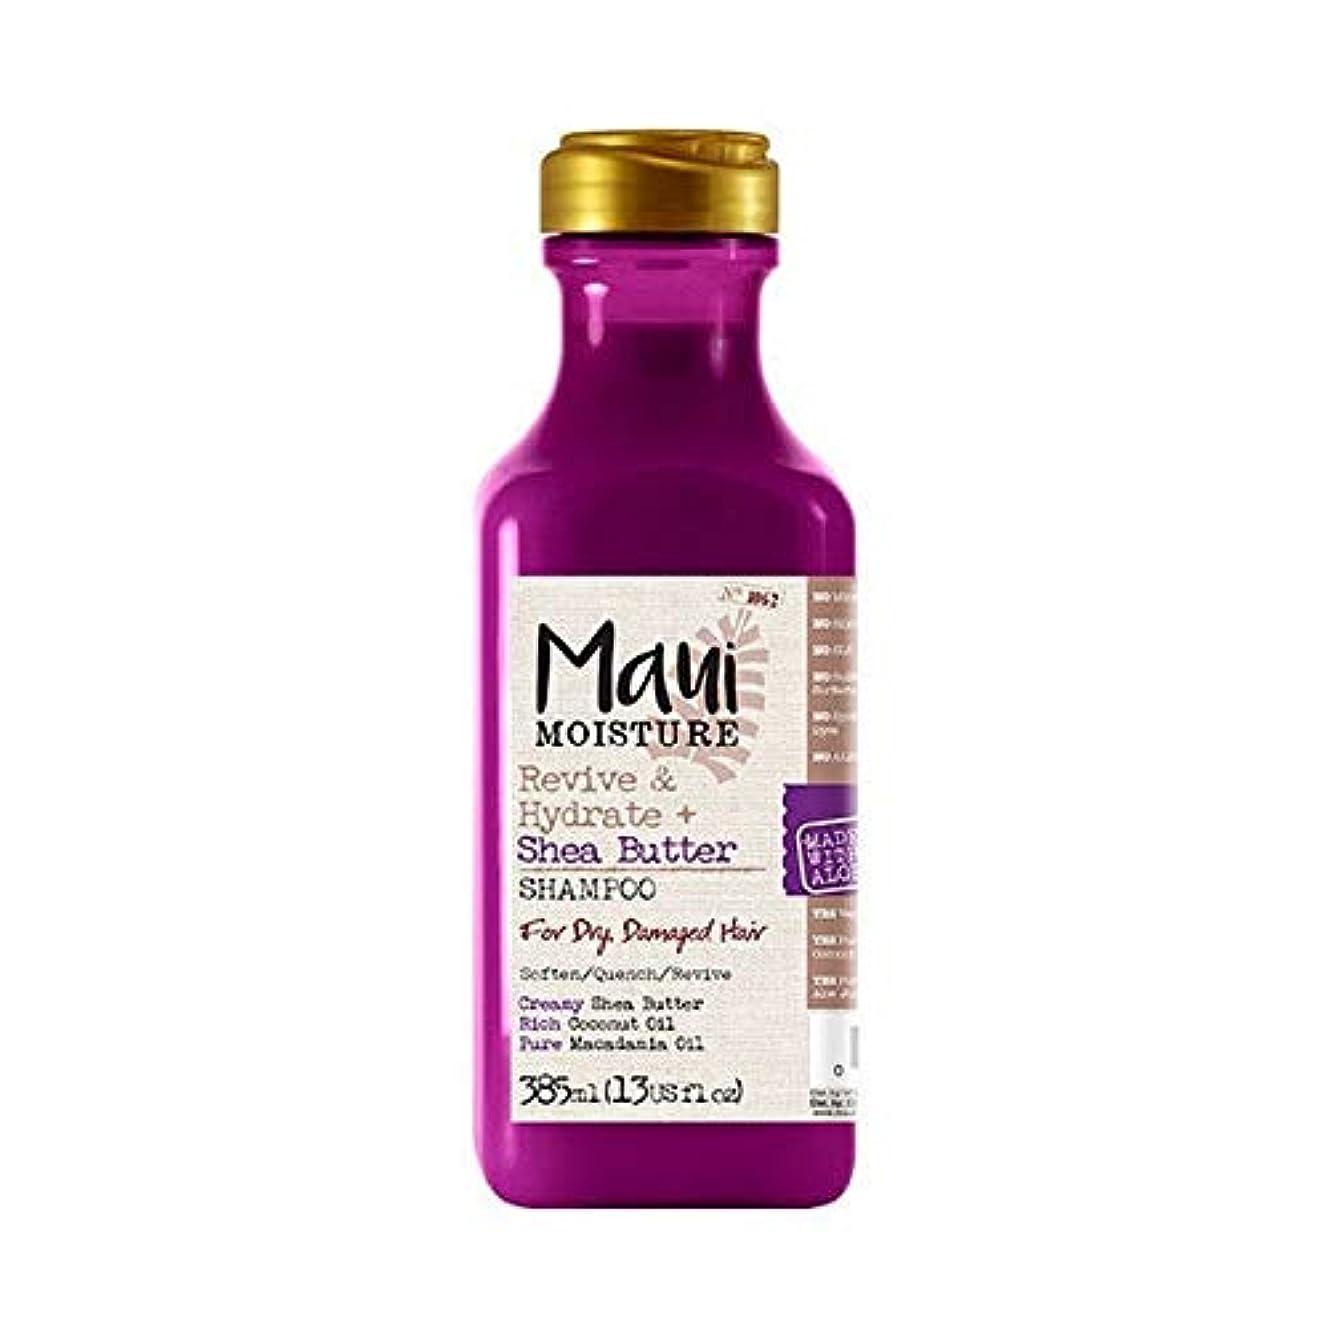 物語忠実にハーネス[Maui Moisture ] マウイ水分がシアバターシャンプーを復活&ハイドレート - Maui Moisture Revive & Hydrate Shea Butter Shampoo [並行輸入品]